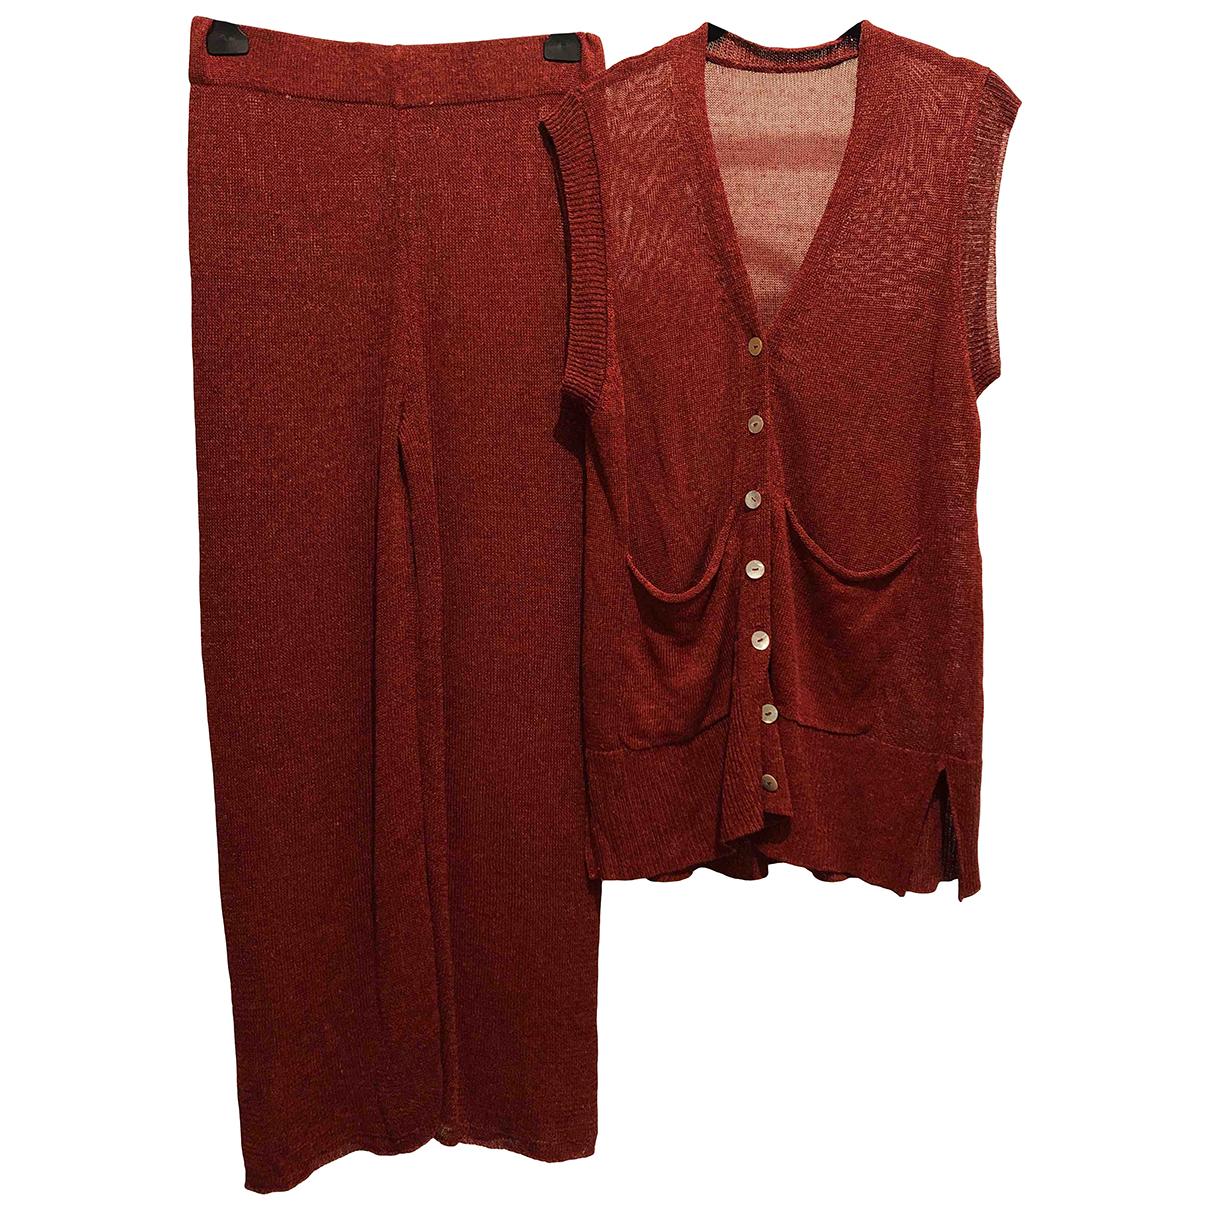 Zara \N Jacke in  Rot Synthetik